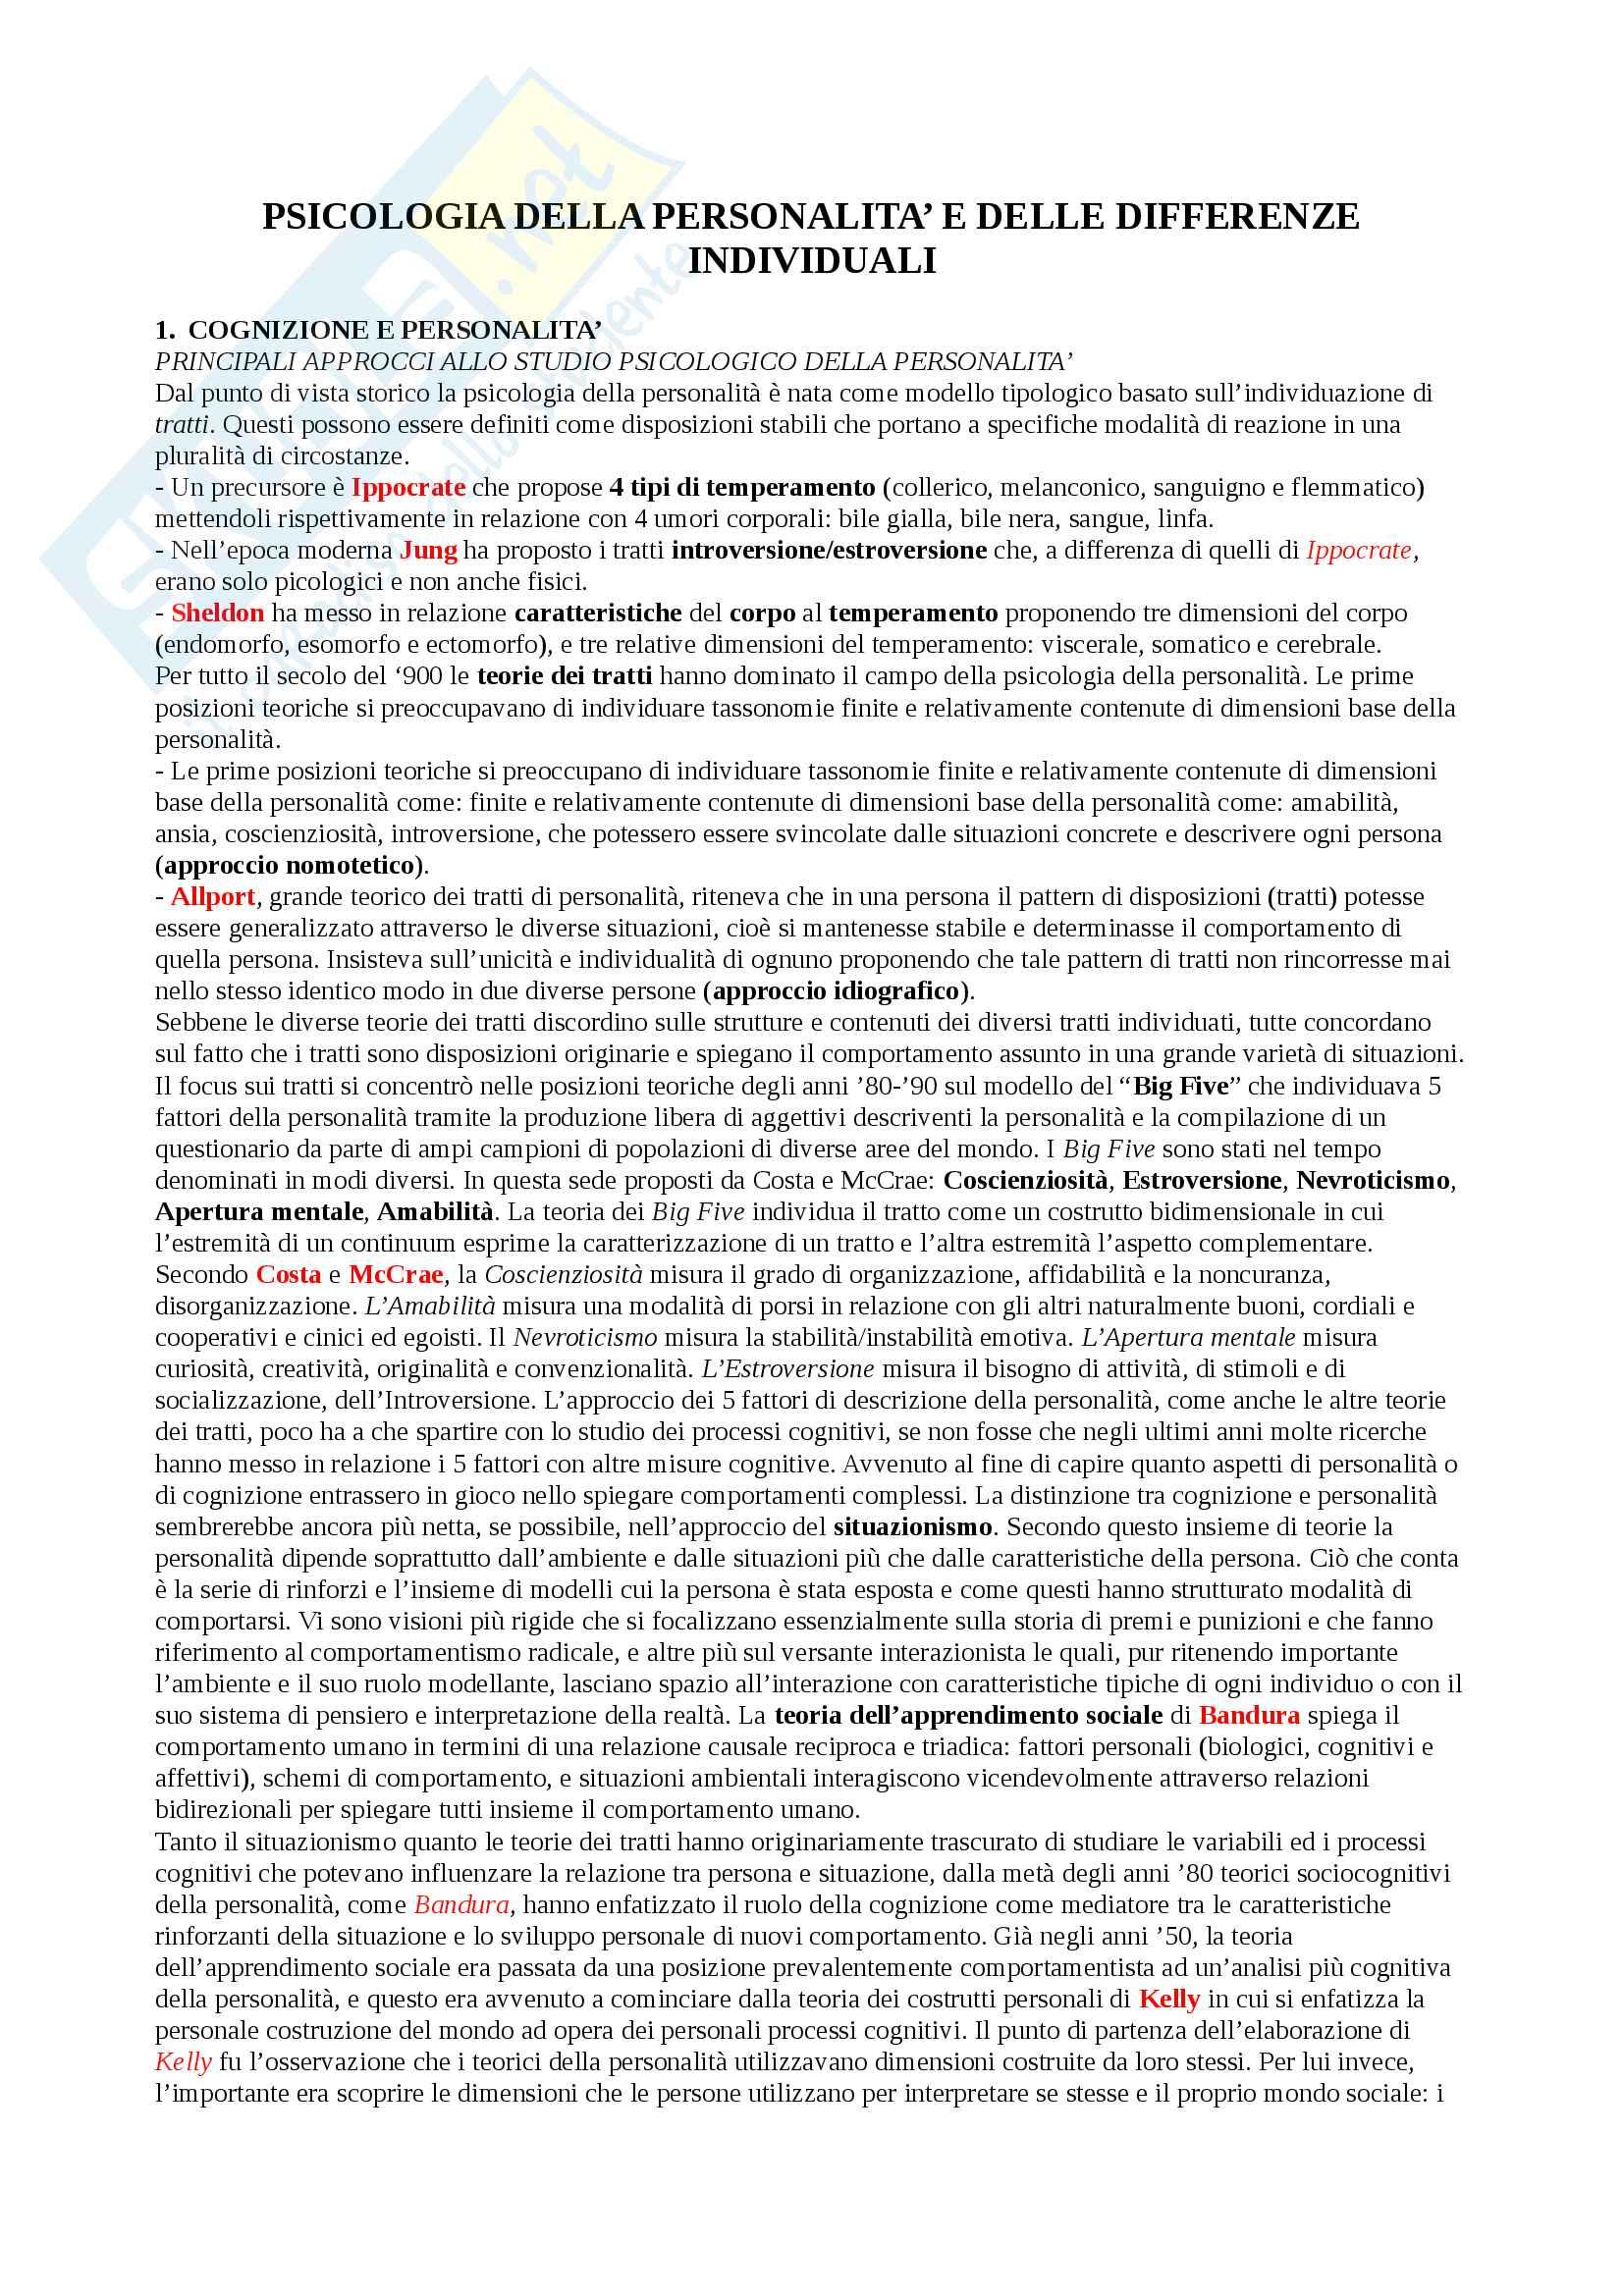 """Riassunto esame Psicologia della personalità e delle differenze individuali, docente De Beni, libro consigliato """"Psicologia della personalità e delle differenze individuali"""", De Beni, Carretti, Moè"""